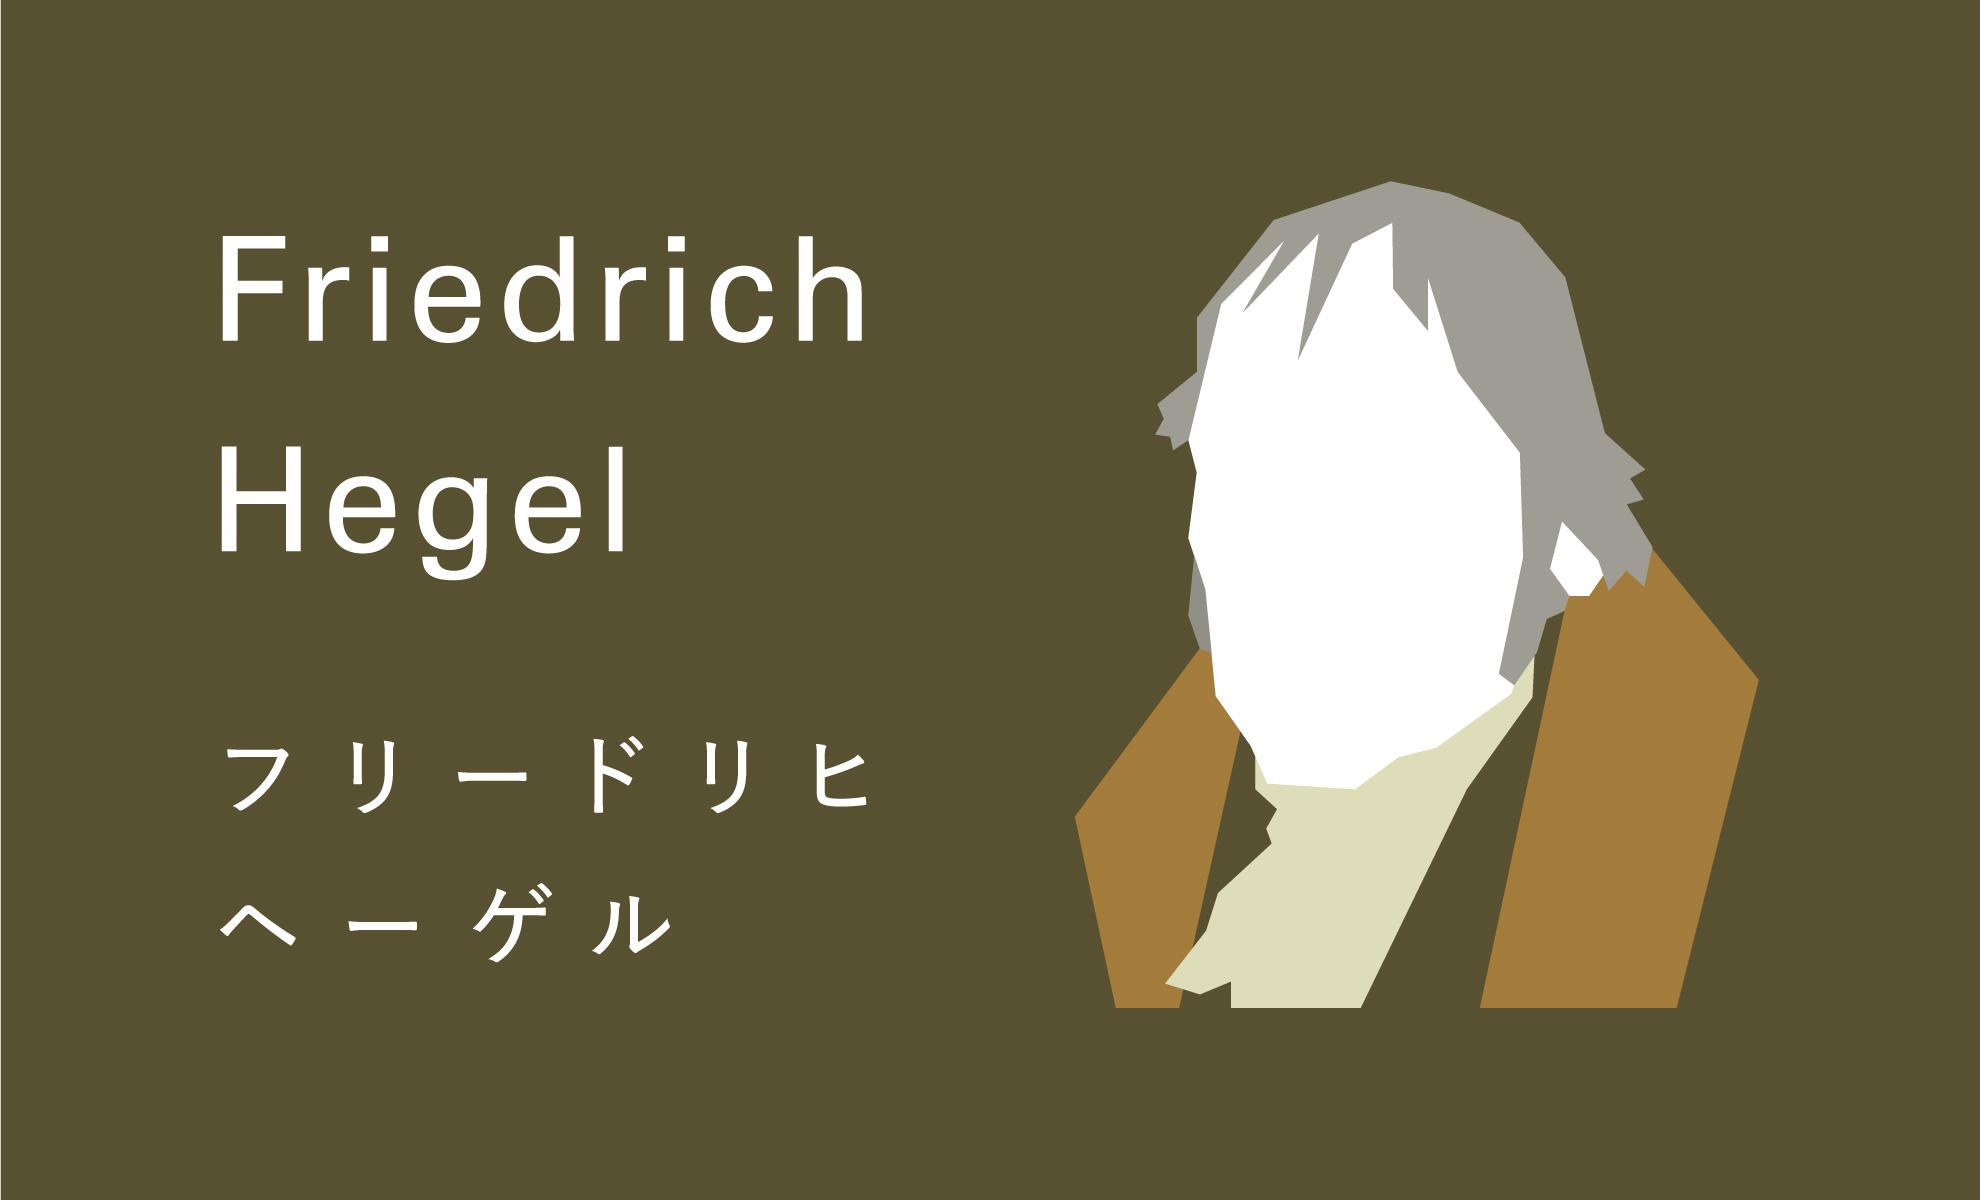 ヘーゲル 画像